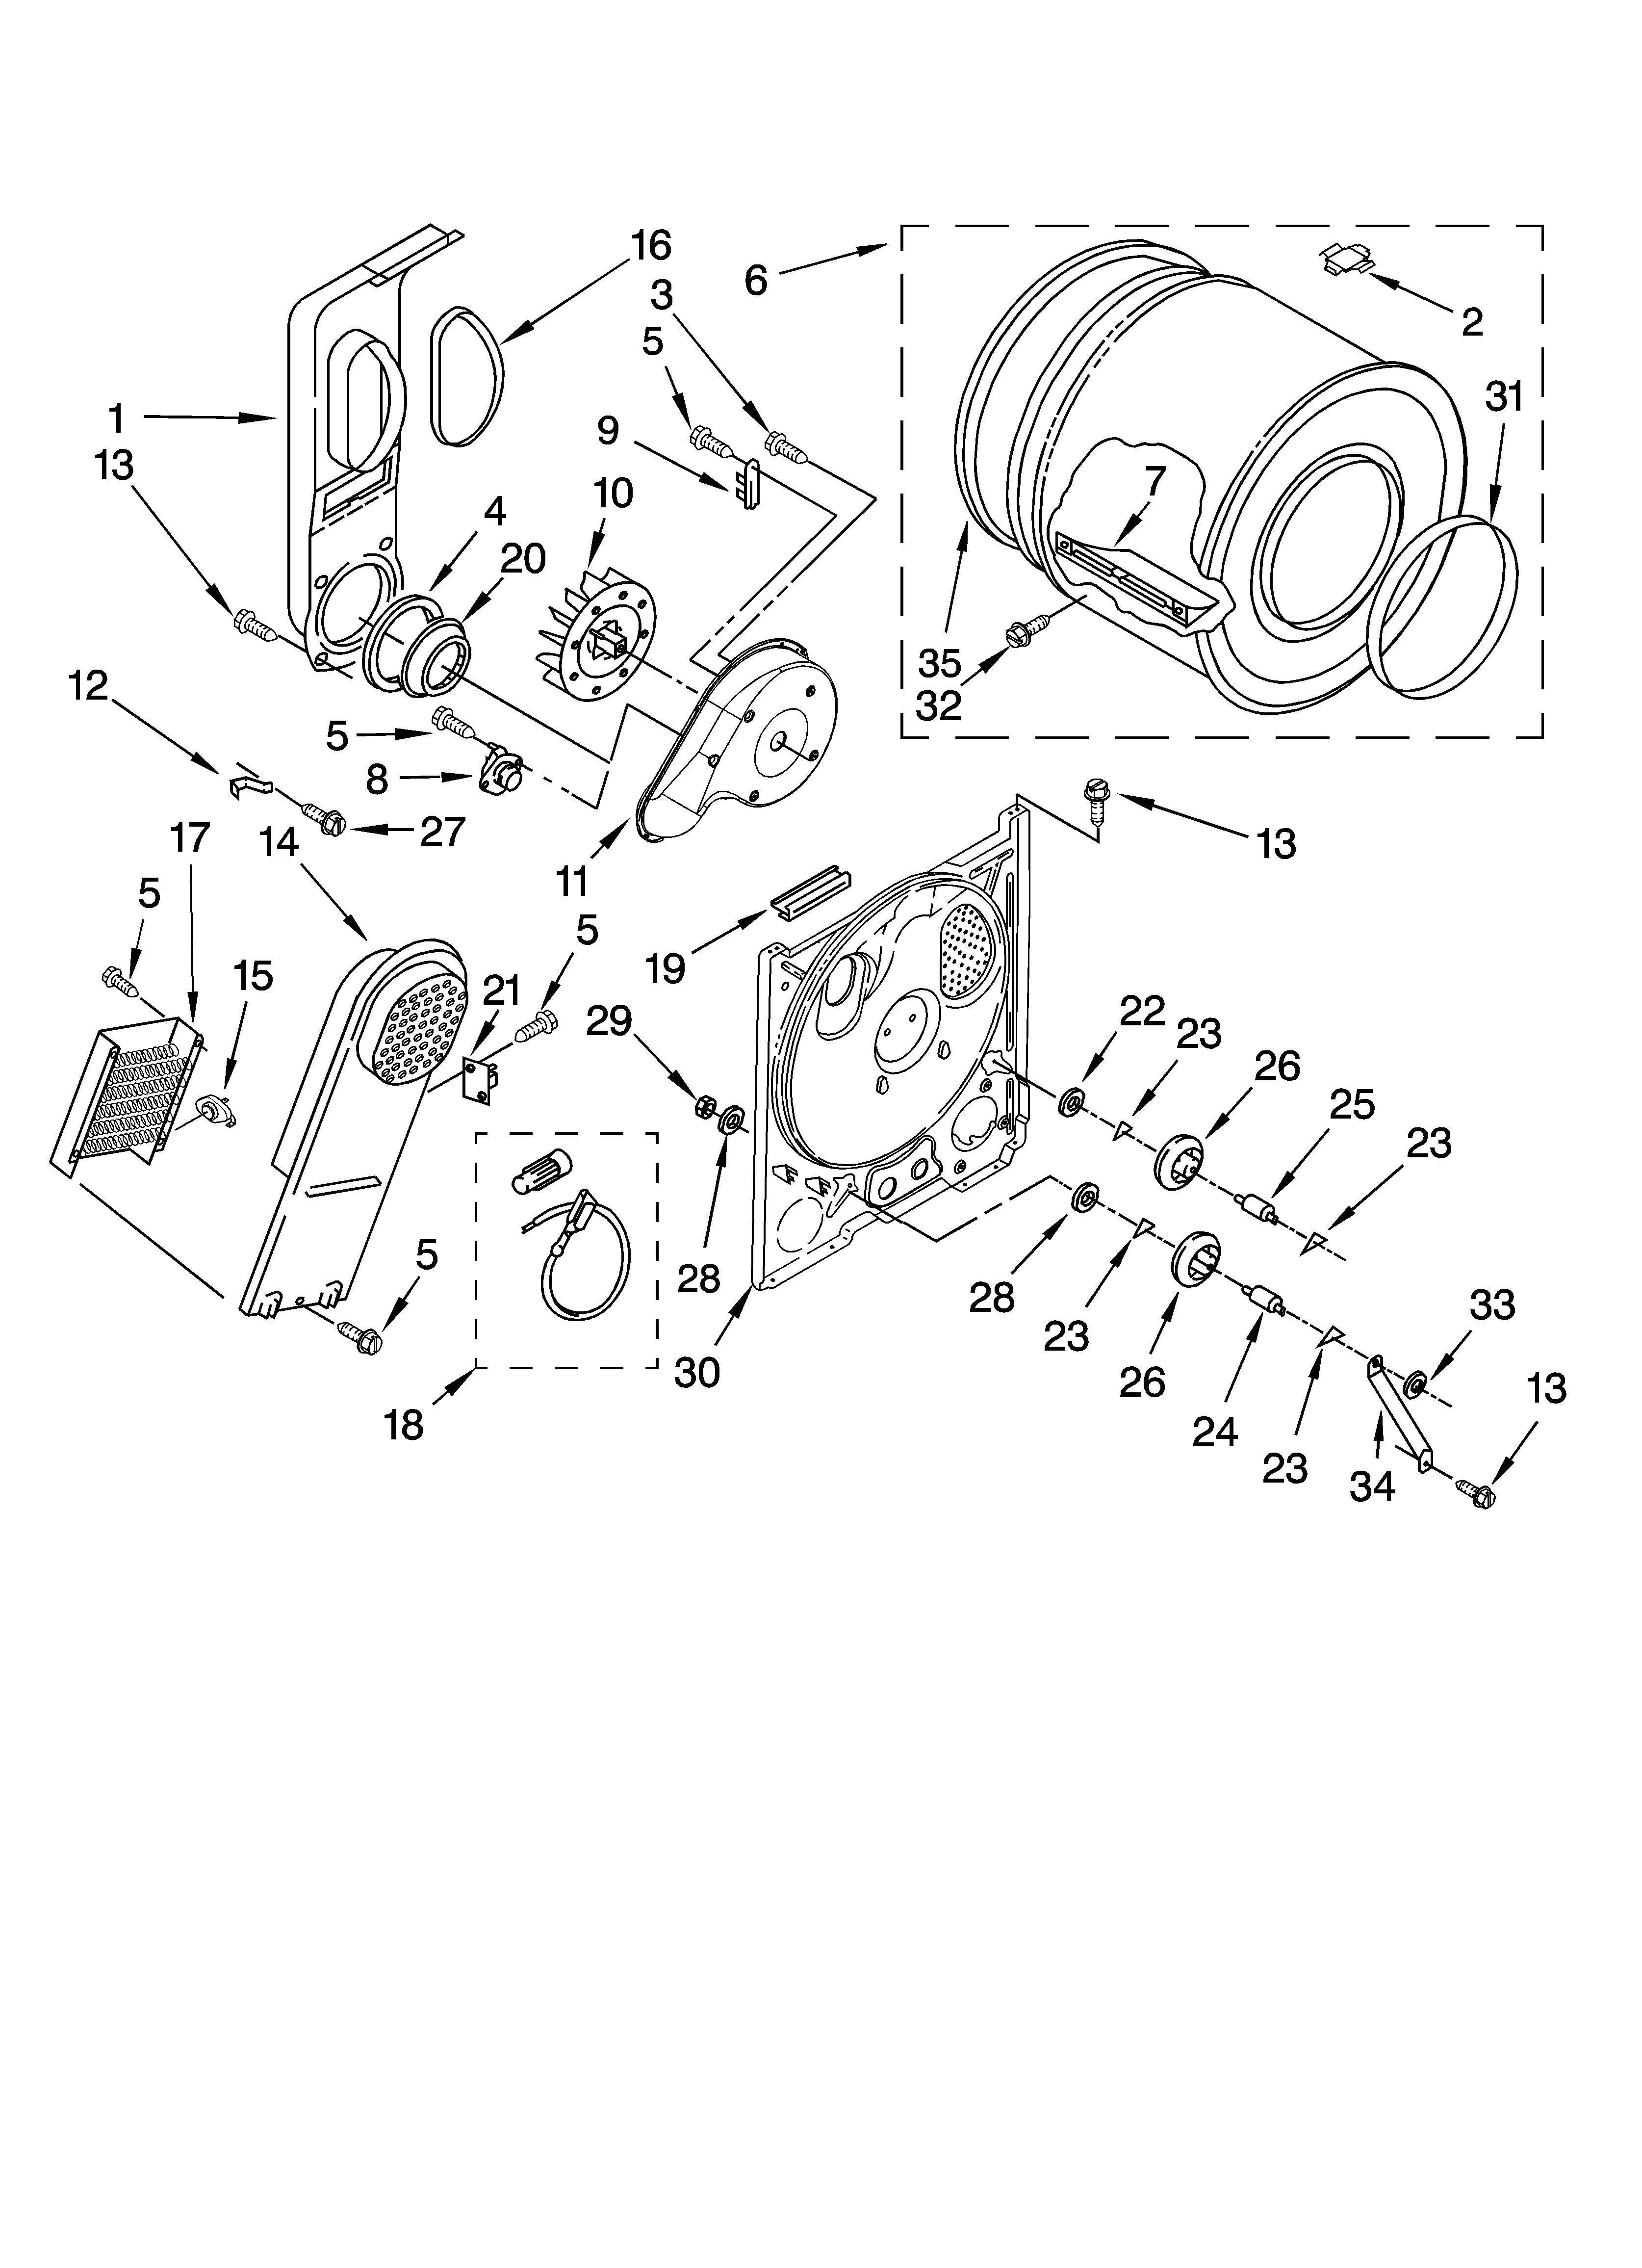 kenmore dryer model 110.69422801 manual